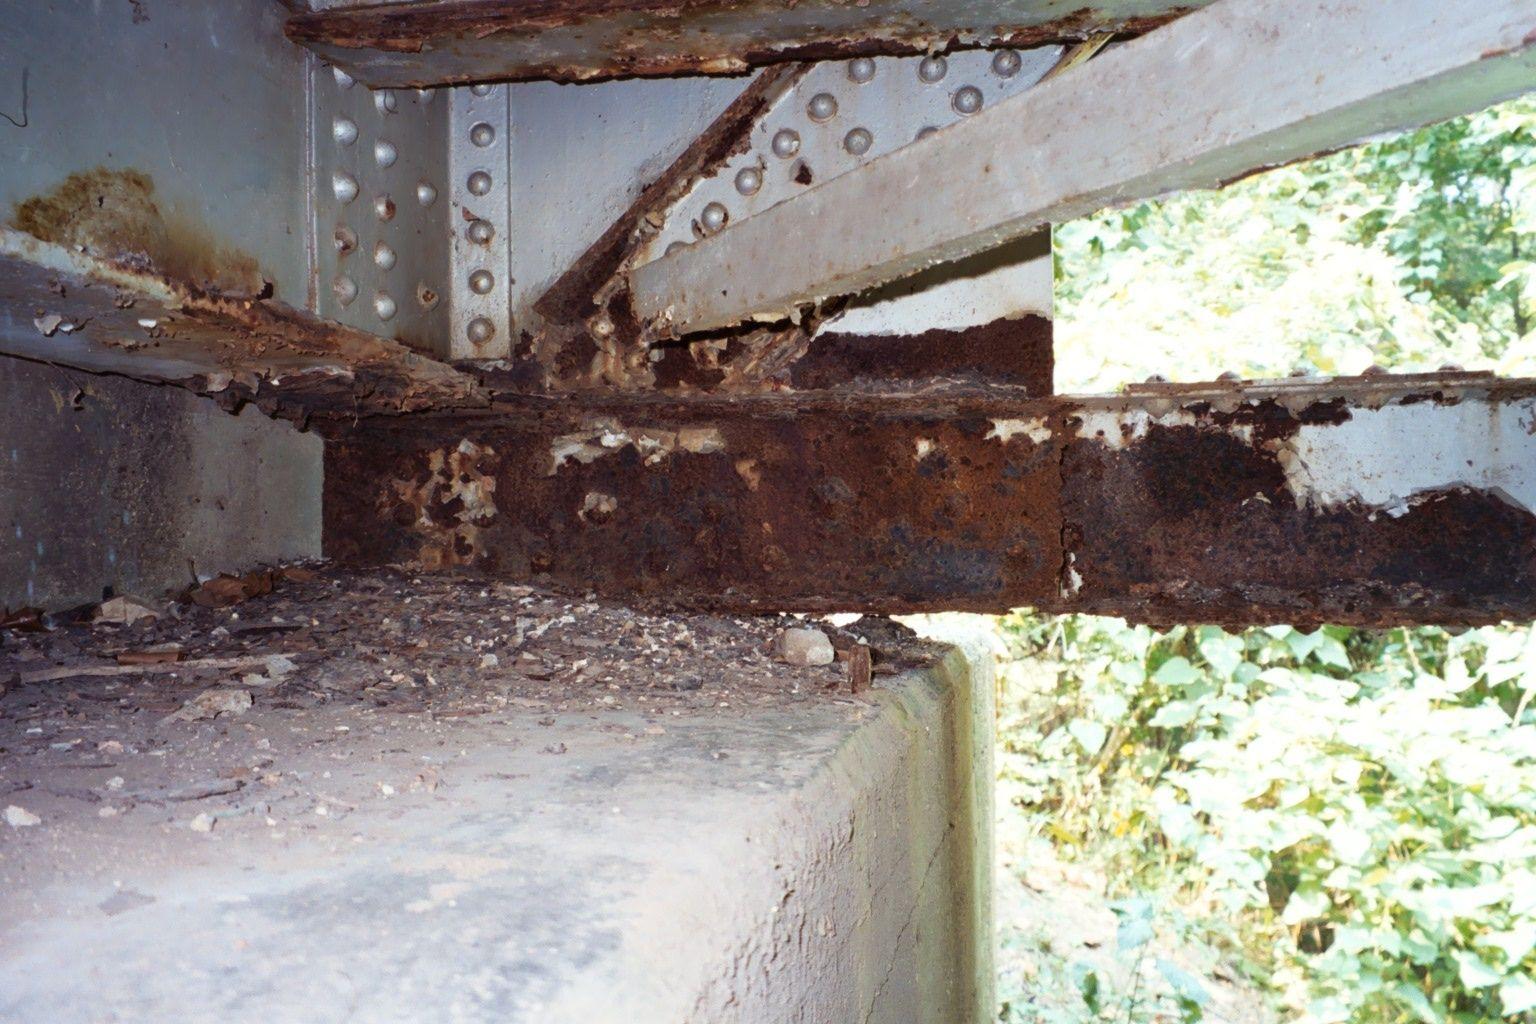 de_bridge_corrosion1.jpg 1,536×1,024 pixels